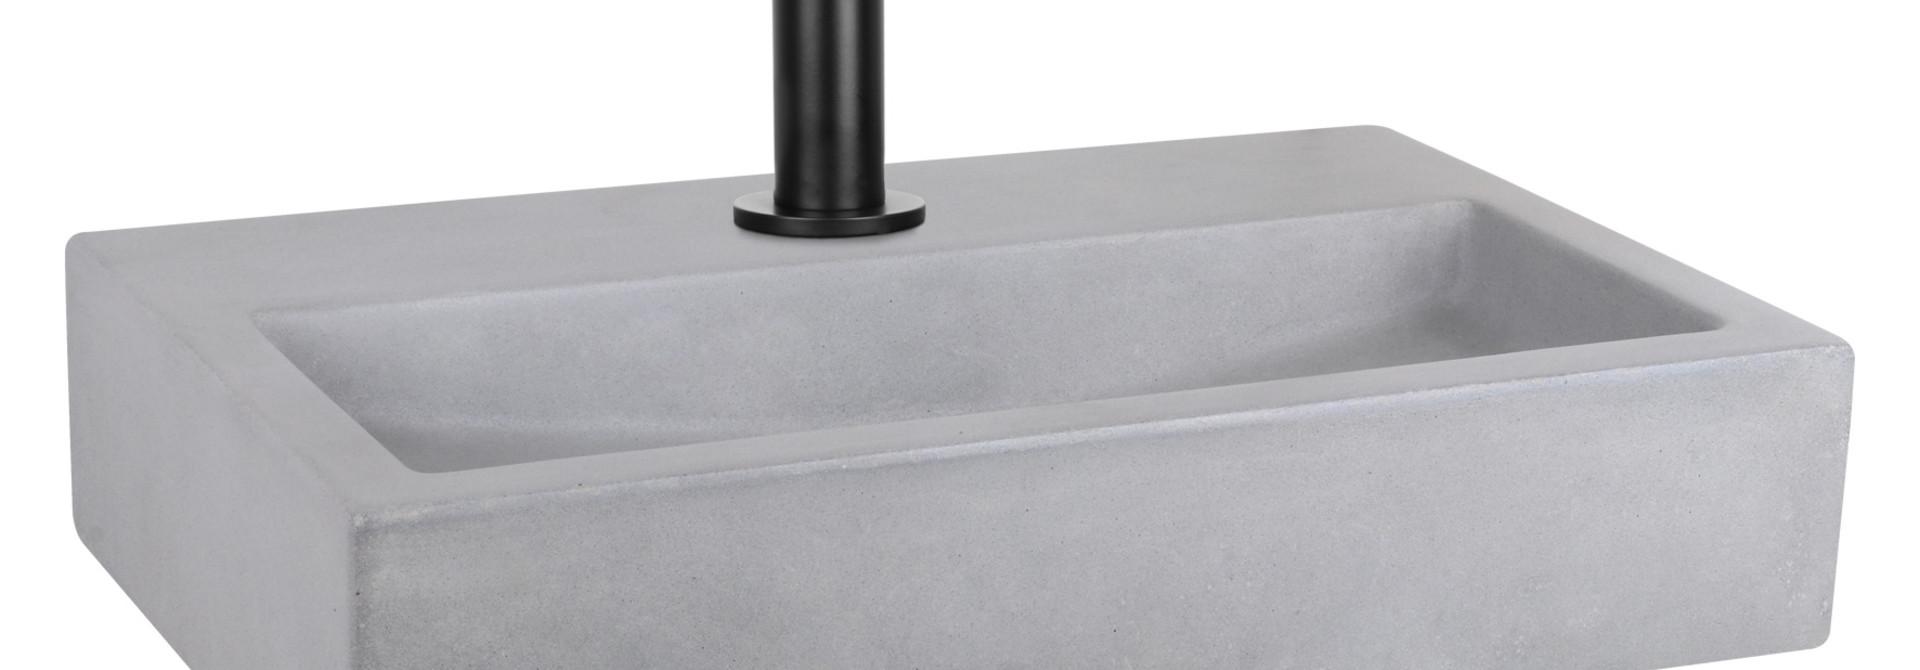 Flat fontein – Beton lichtgrijs 24 x 38 x 8 cm